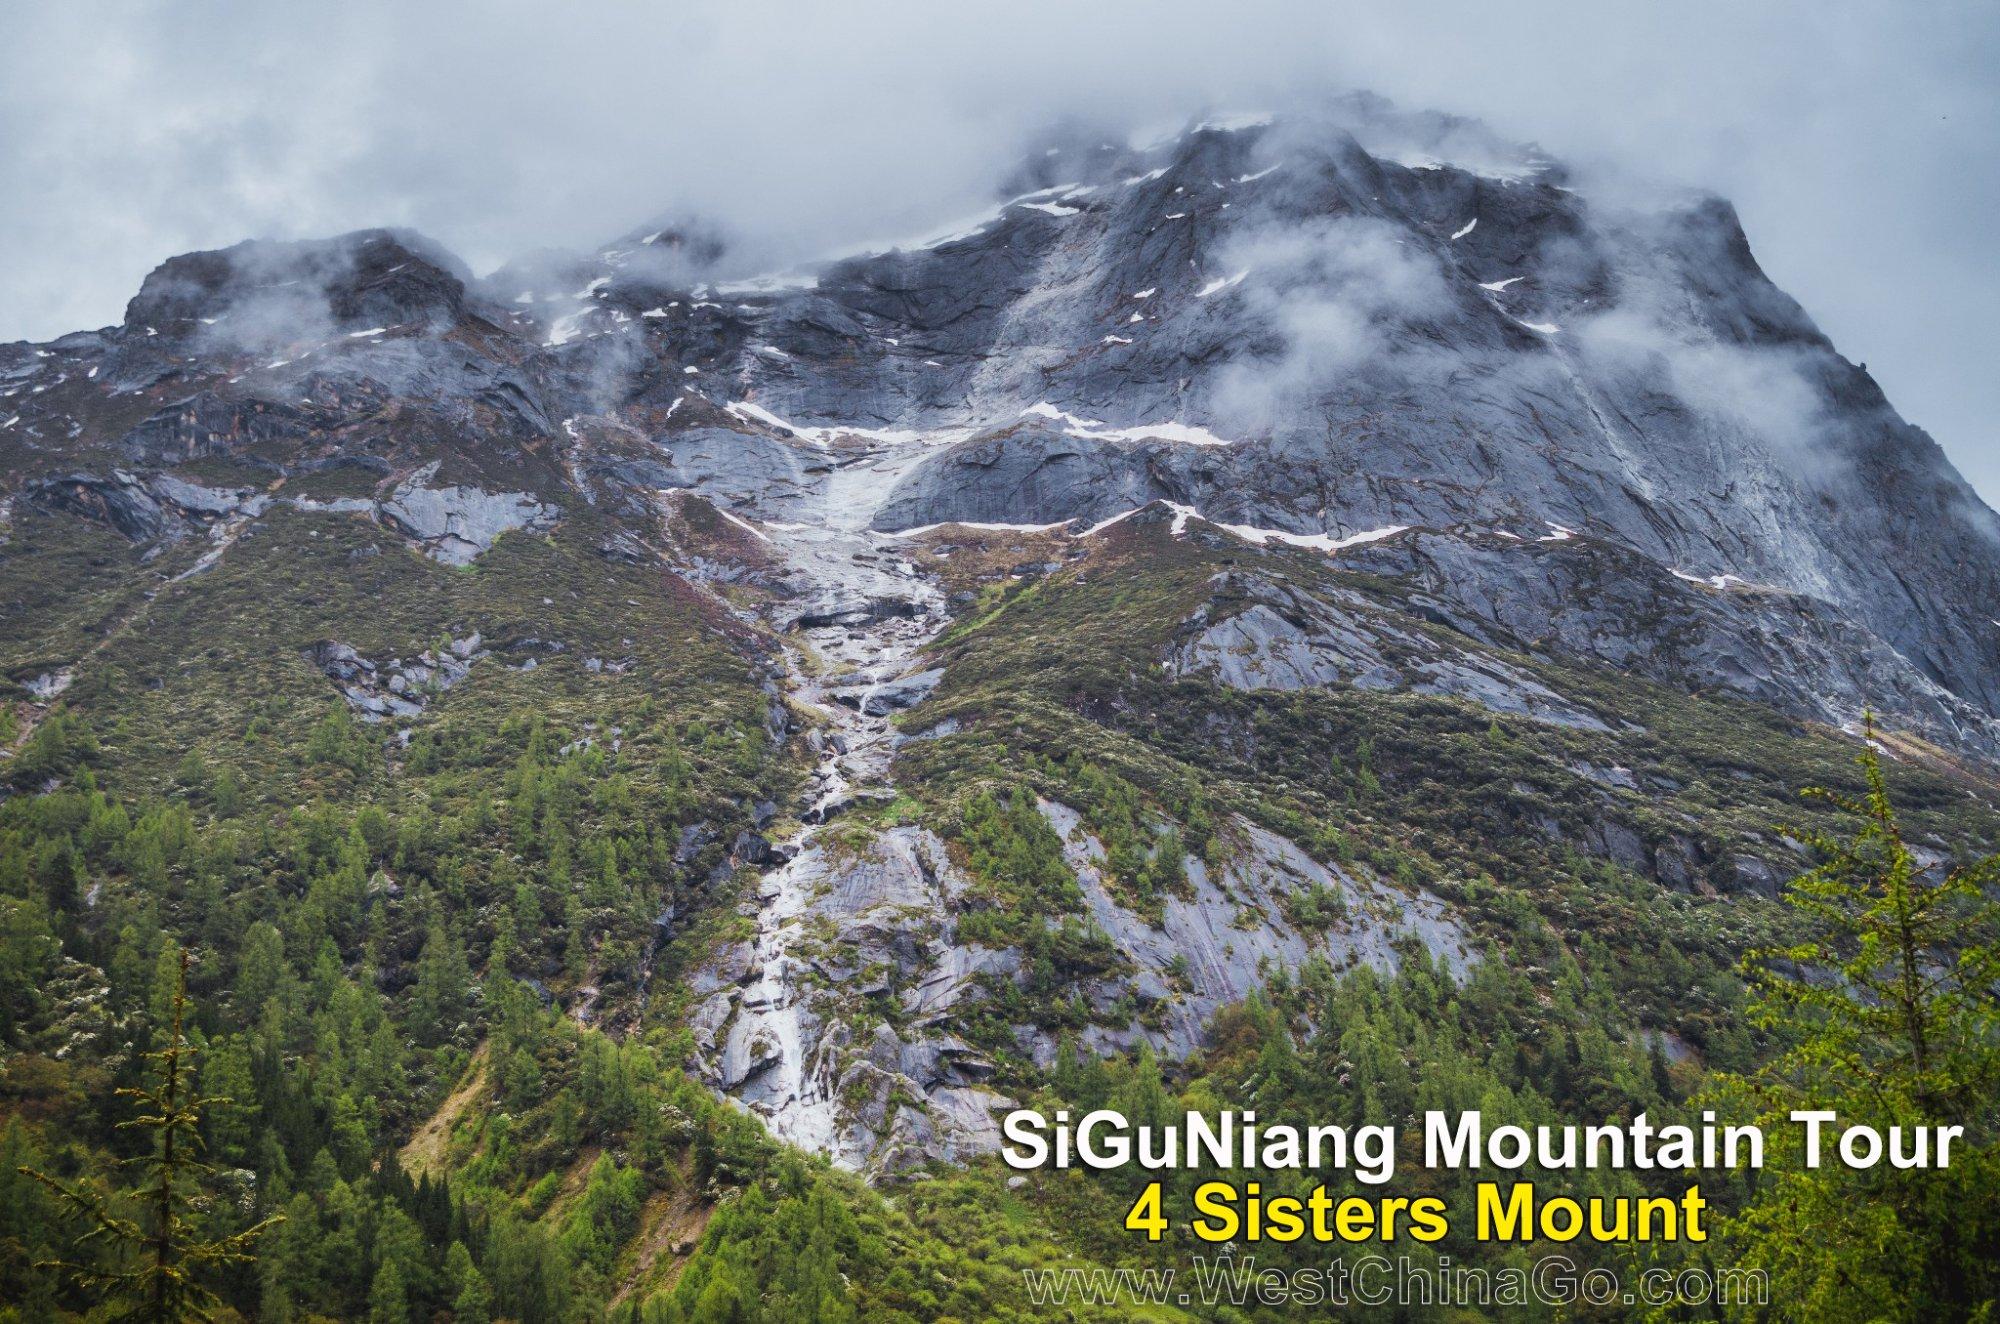 SiChuan Mount SiGuNiang Tour